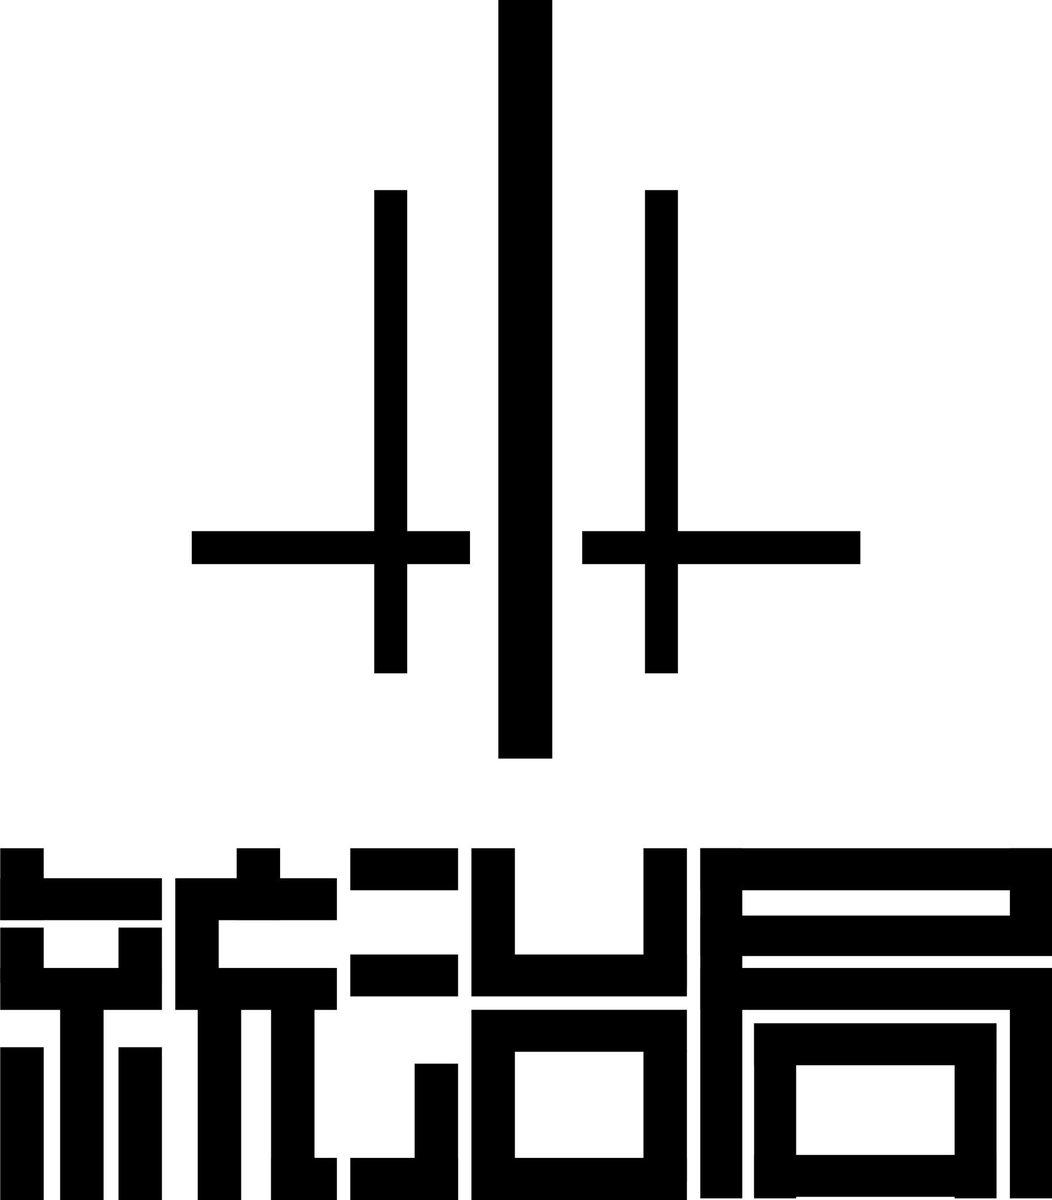 グルービー ビーグル On Twitter やっぱり弐瓶作品のロゴは魅力的だ